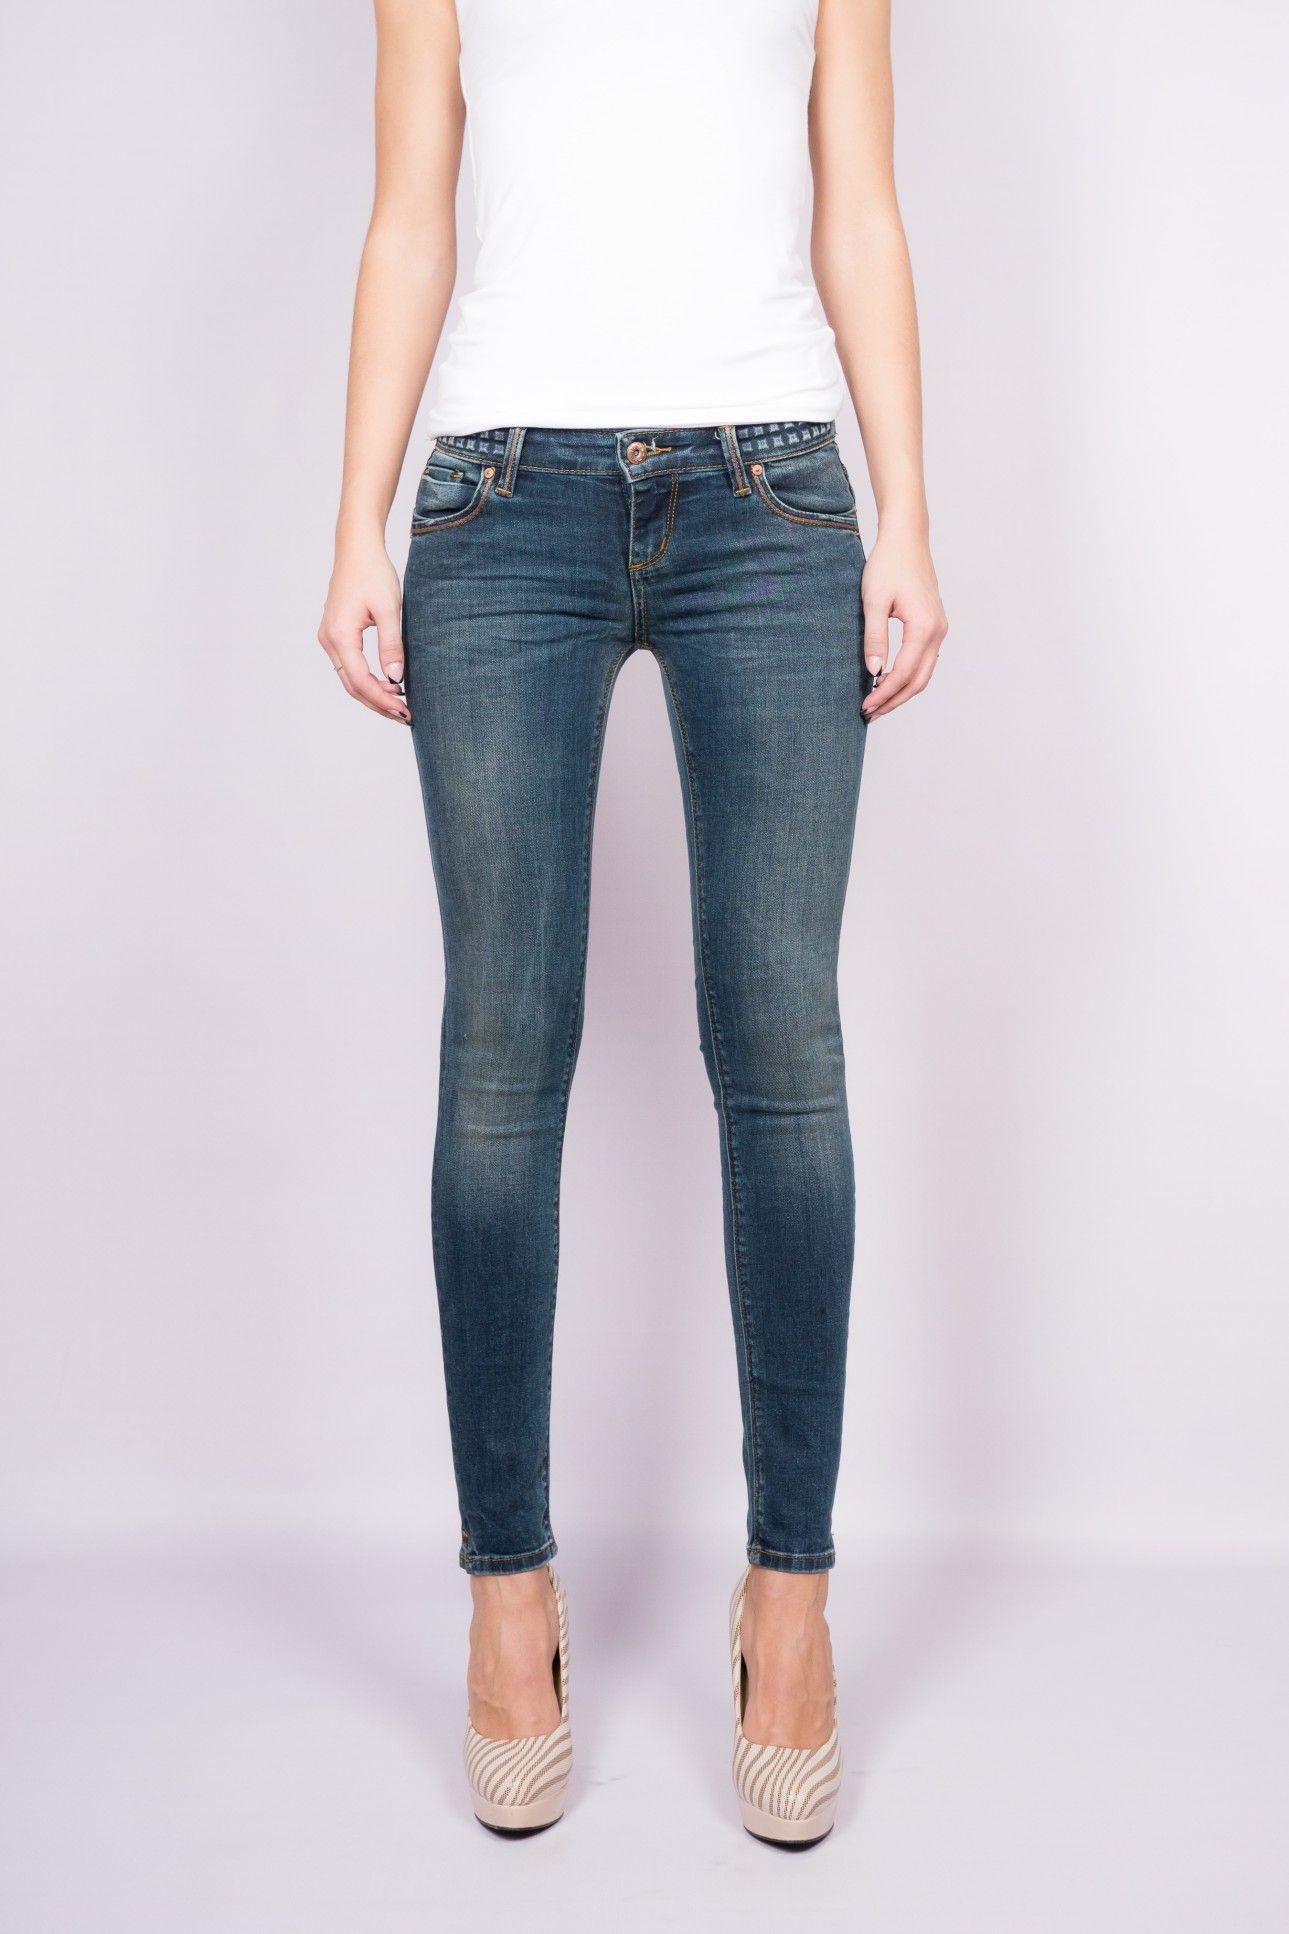 e37b106e520c LTB 1009-50889-2221 4728 - купить женские джинсы - интернет магазин Jeans